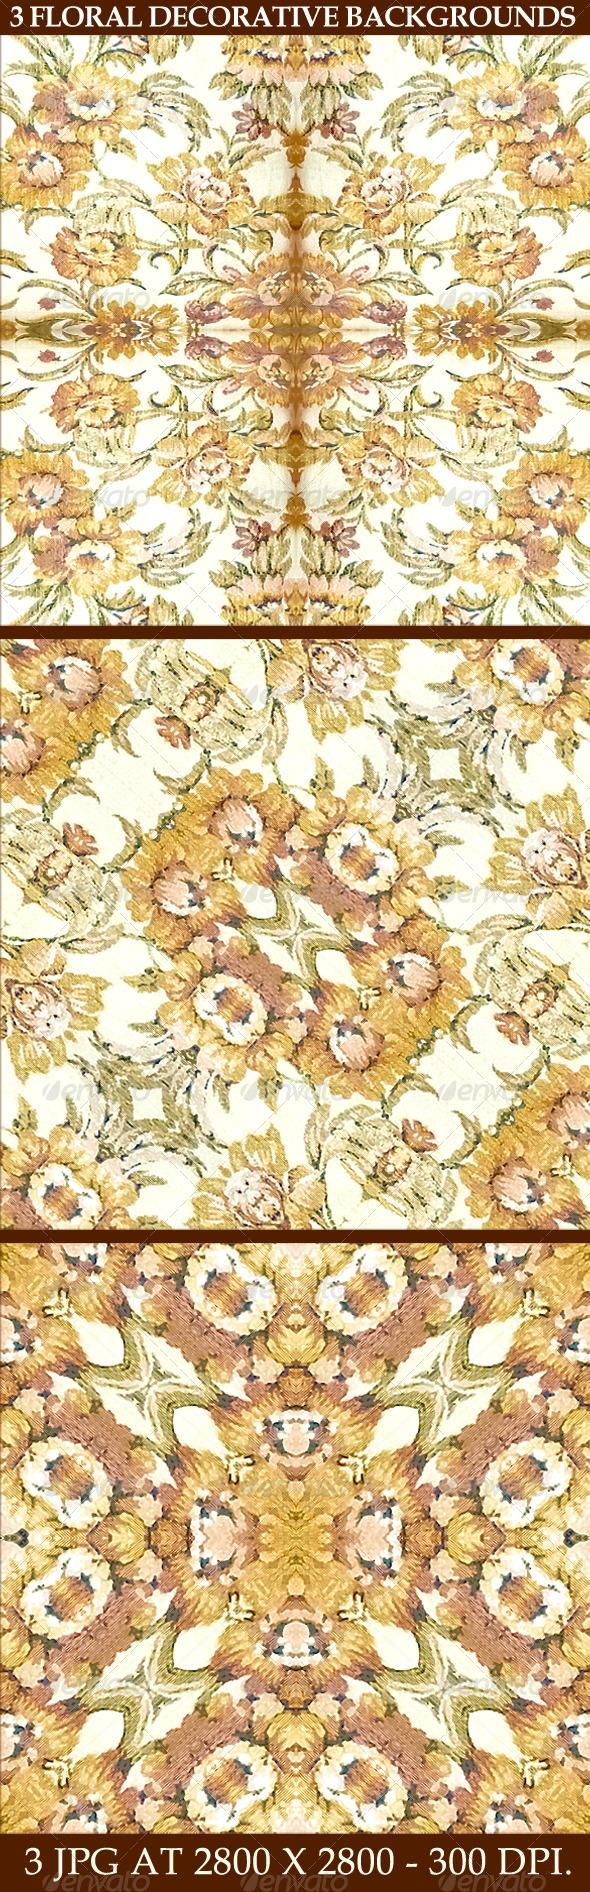 3 Floral Decorative Background Patterns - Flourishes / Swirls Decorative